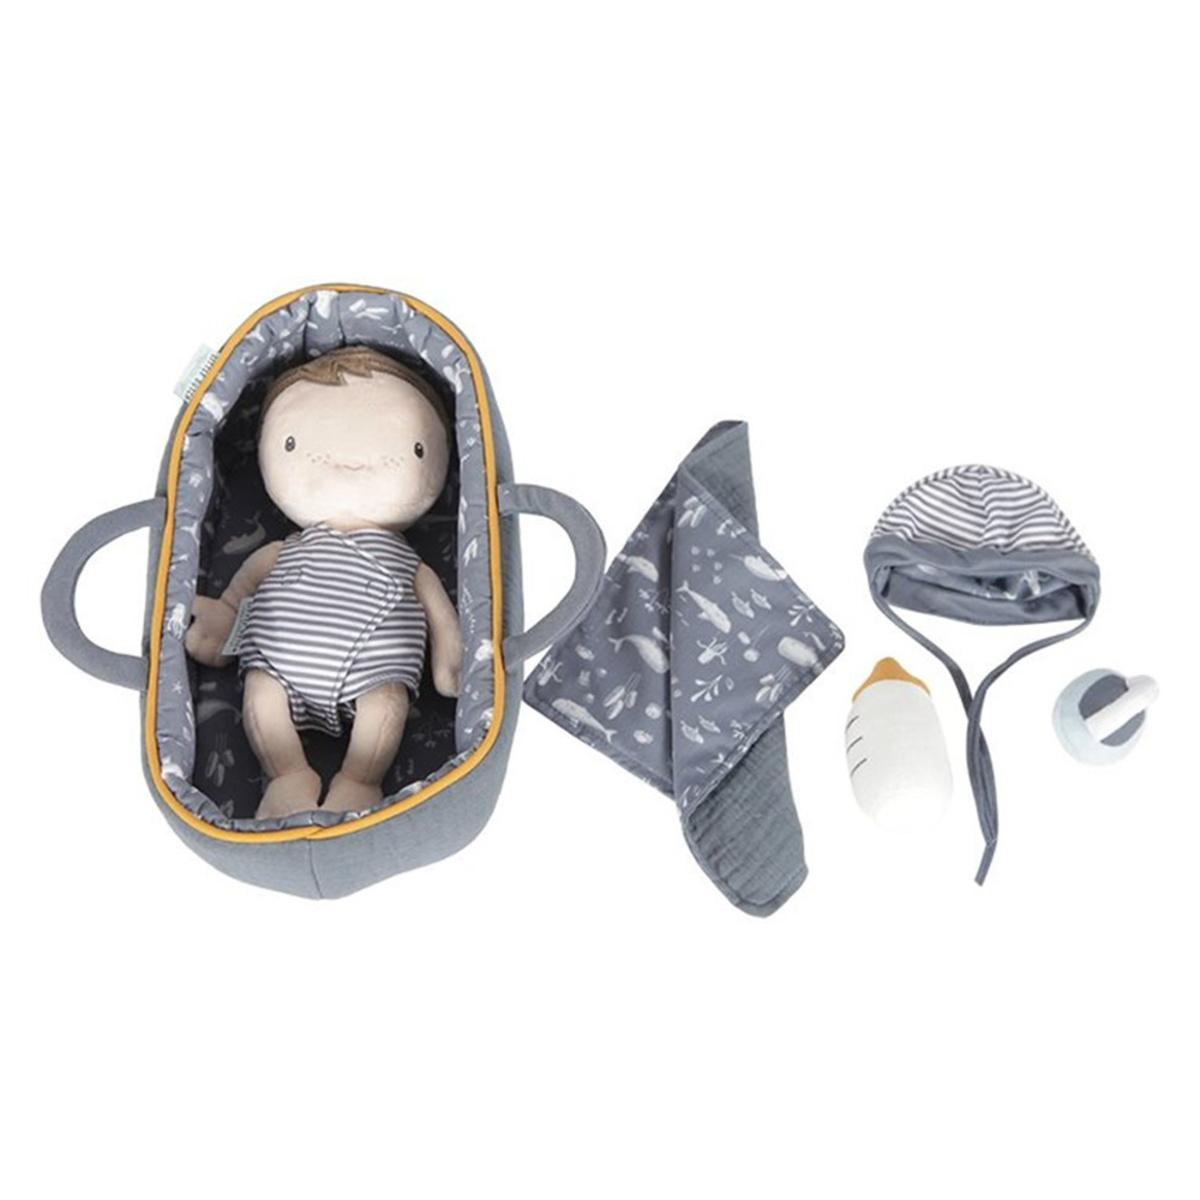 Mes premiers jouets Set Couffin et Poupon Bébé Jim Set Couffin et Poupon Bébé Jim